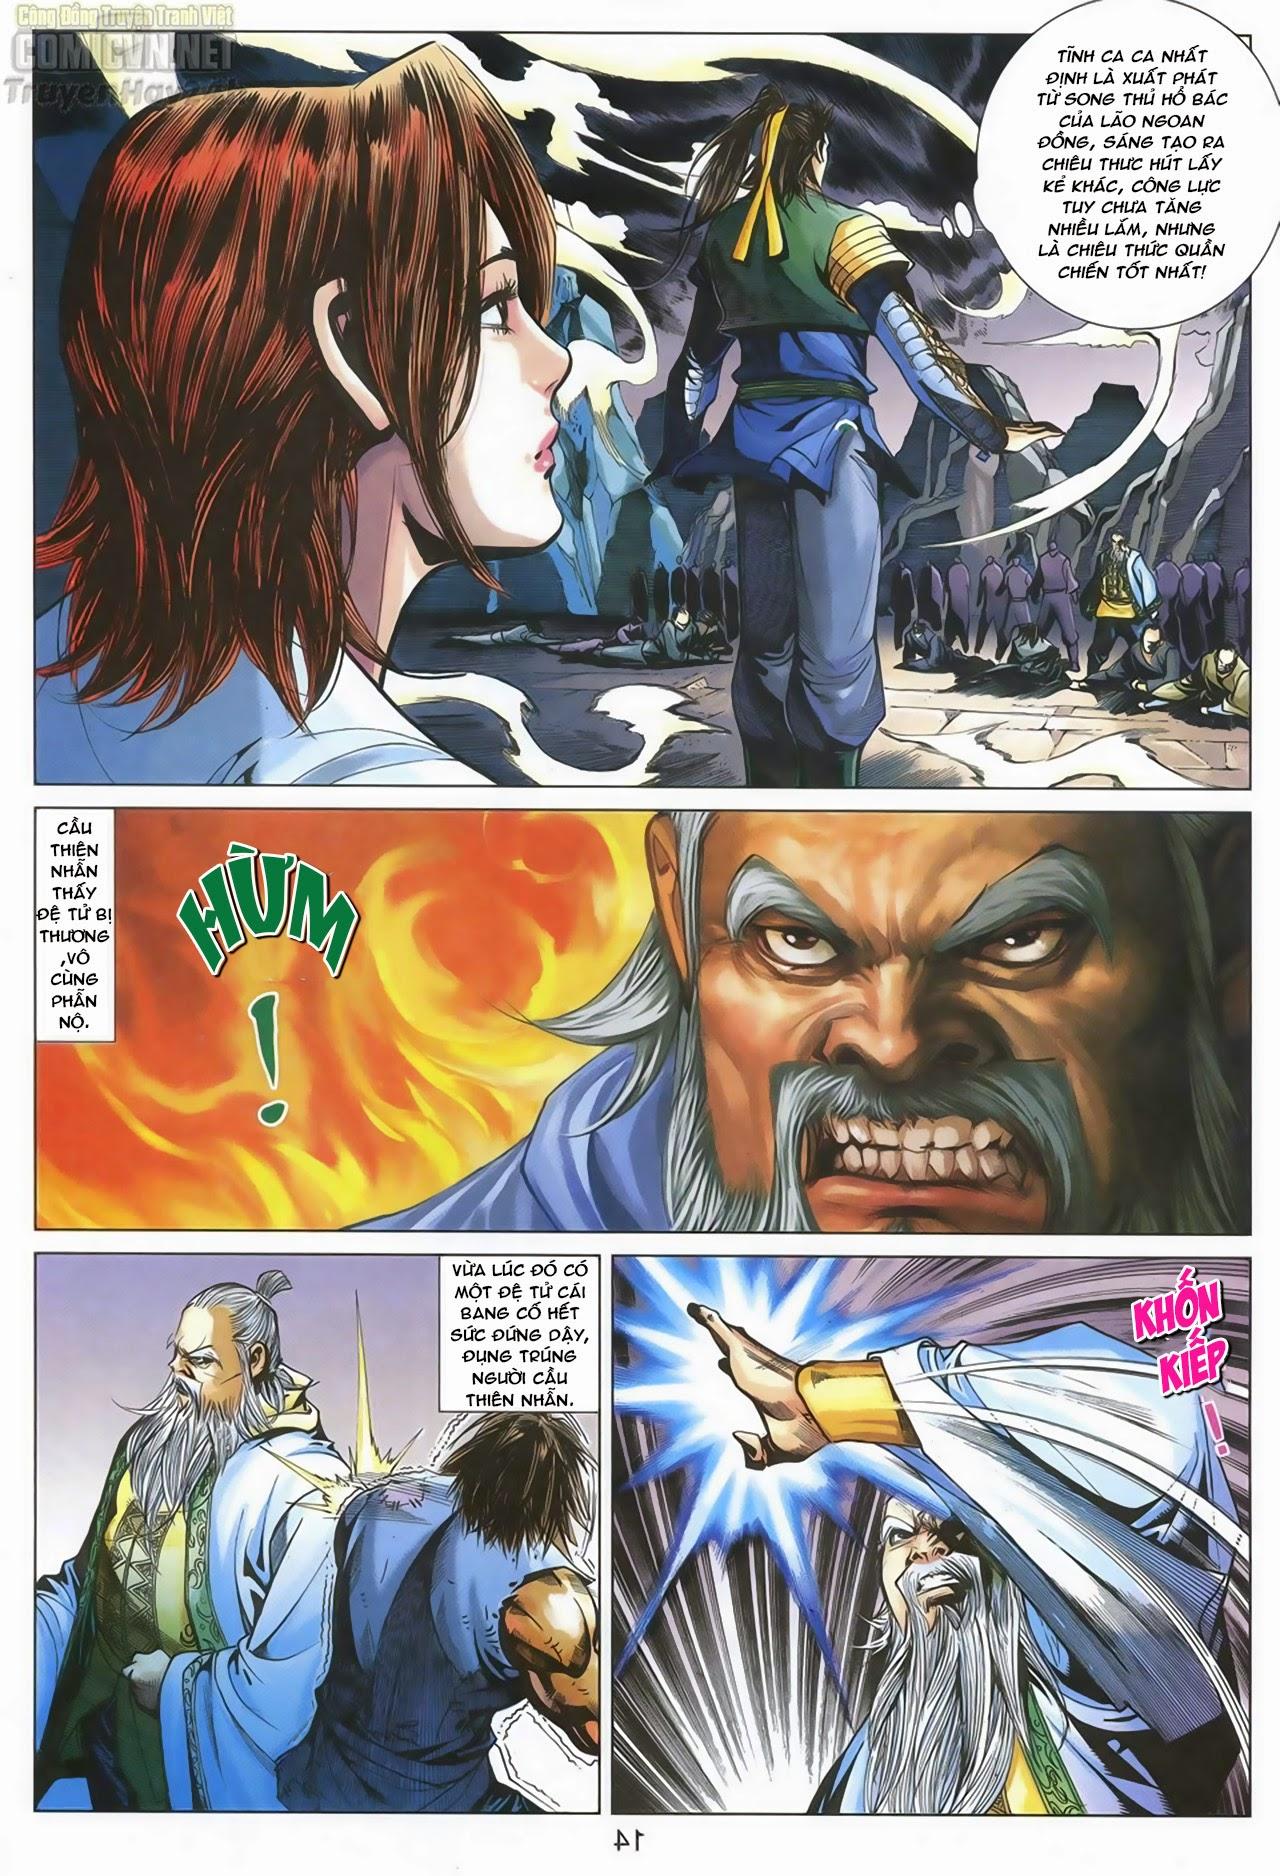 Anh Hùng Xạ Điêu anh hùng xạ đêu chap 67: quyết chiến hiên viên đài trang 13